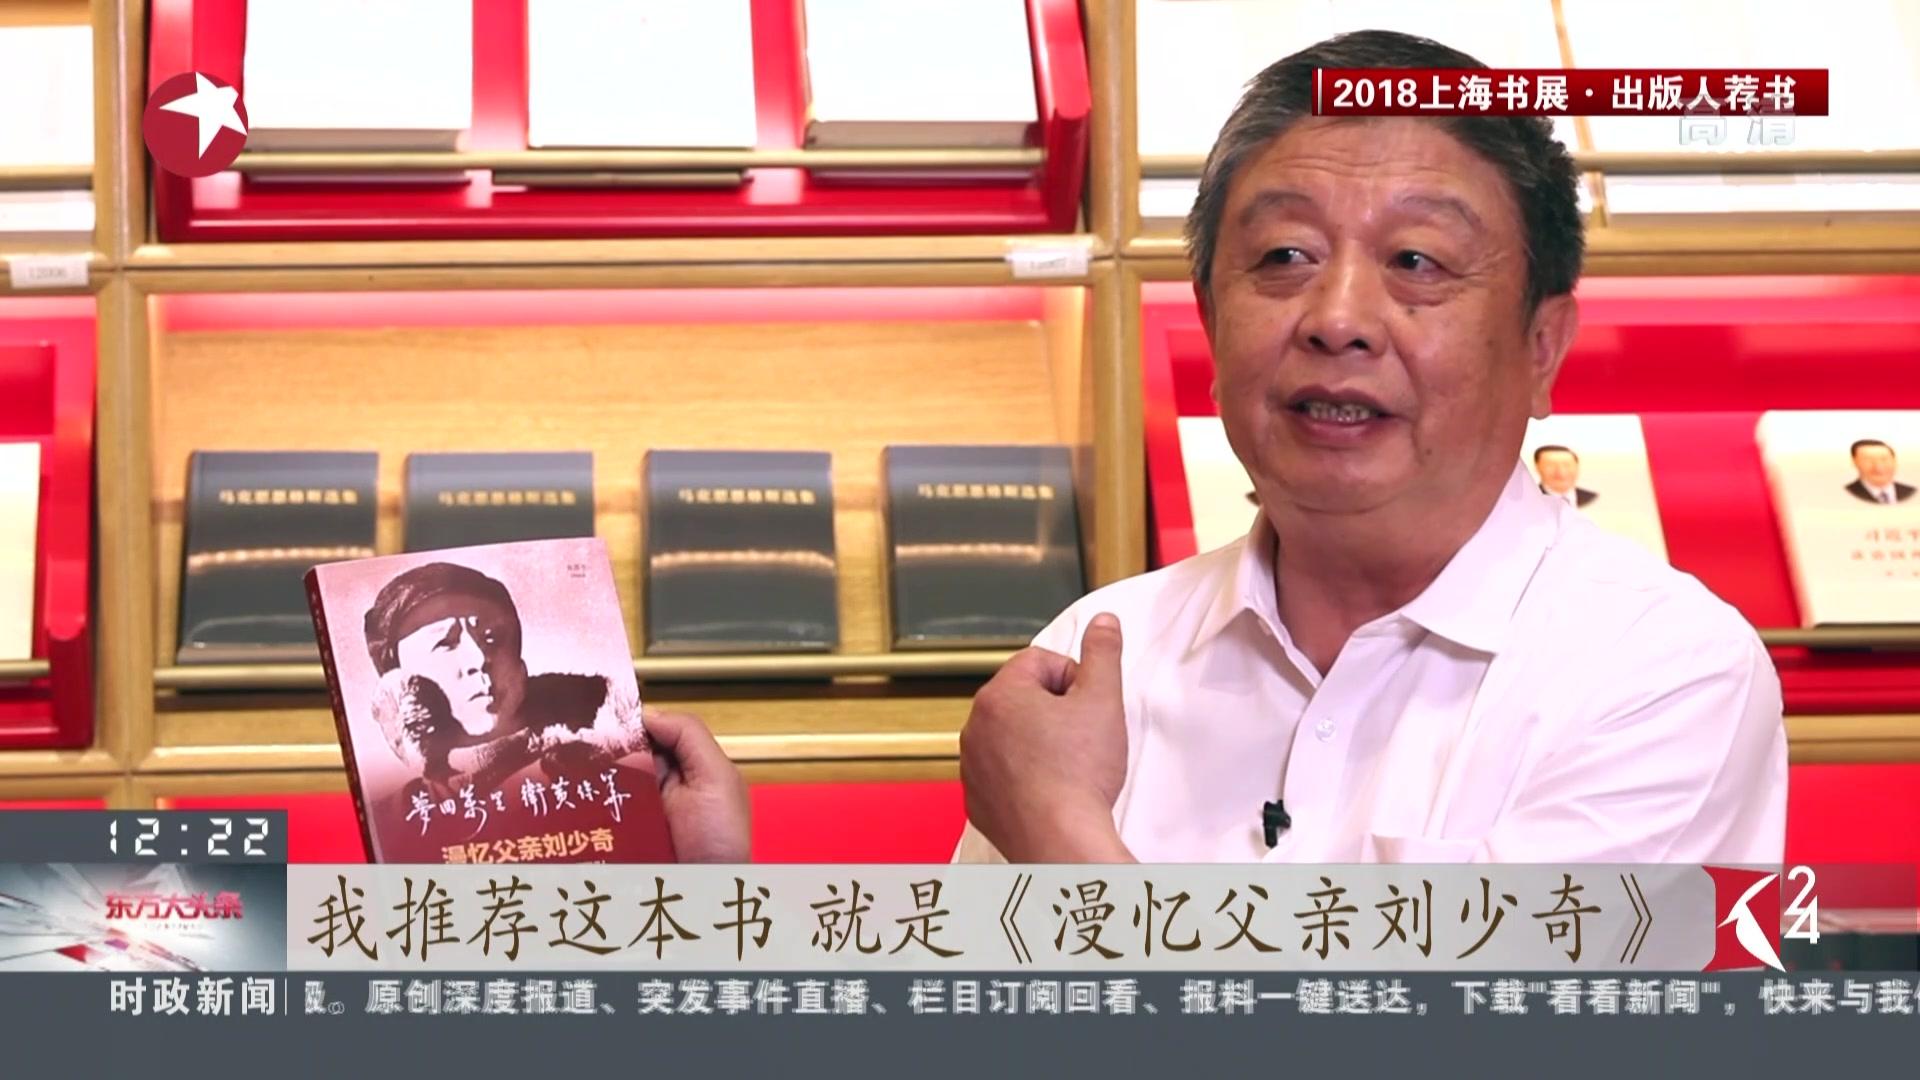 2018上海书展·聚焦首发新书:人民出版社——《梦回万里  卫黄保华》刘少奇鲜为人知的军事生涯